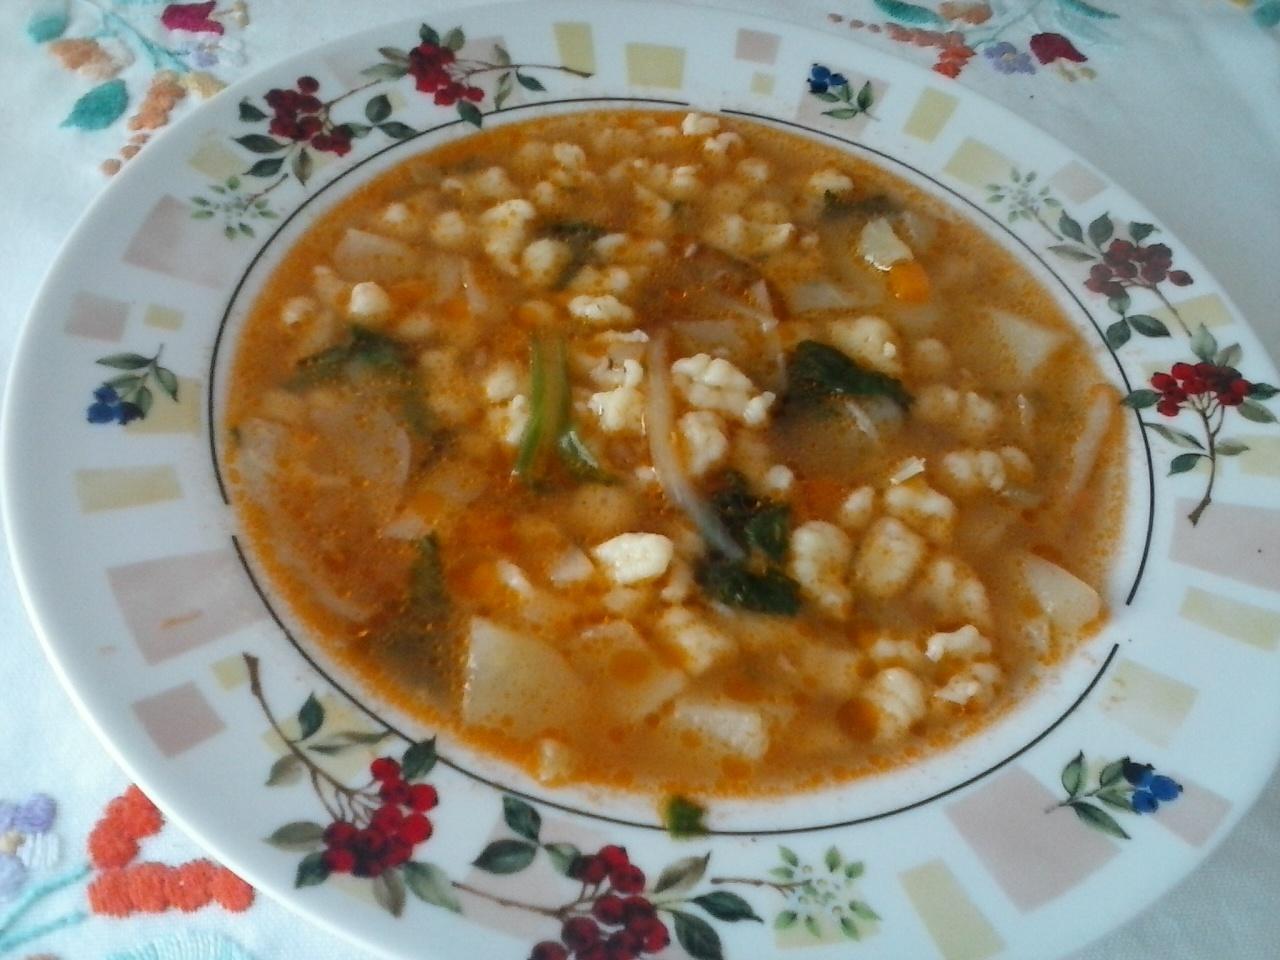 Zeleninová polévka s mletým masem a nočky